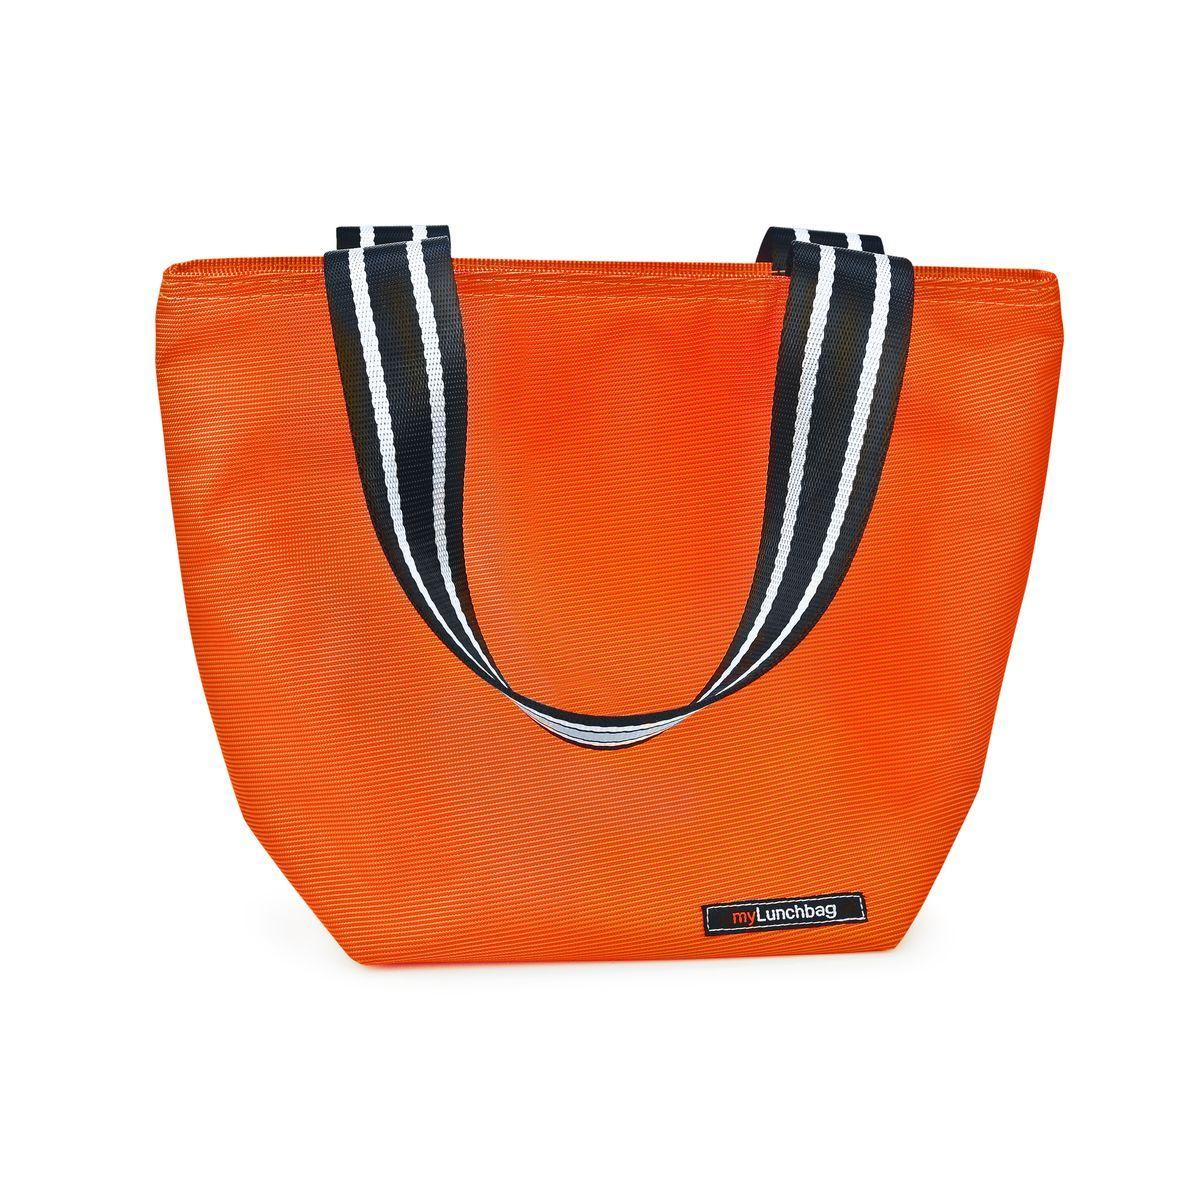 Термосумка для ланч-бокса Iris Barcelona Tote MyLunchbag, цвет: оранжевыйI9155-TXТермосумка для ланч-бокса Iris Barcelona Tote MyLunchbag выполнена из полиэстера. Она отлично сохраняет свежесть и вкус продукта на несколько часов. Очень полезна маме в уходе за детьми. Пригодится везде: на прогулке, на работе, учебе и т.д. С ней легко справится даже ребенок. Легко складывается до небольших размеров. Присутствует удобный кармашек для аксессуаров. Рекомендуется регулярно стирать вручную в теплой воде с мылом.